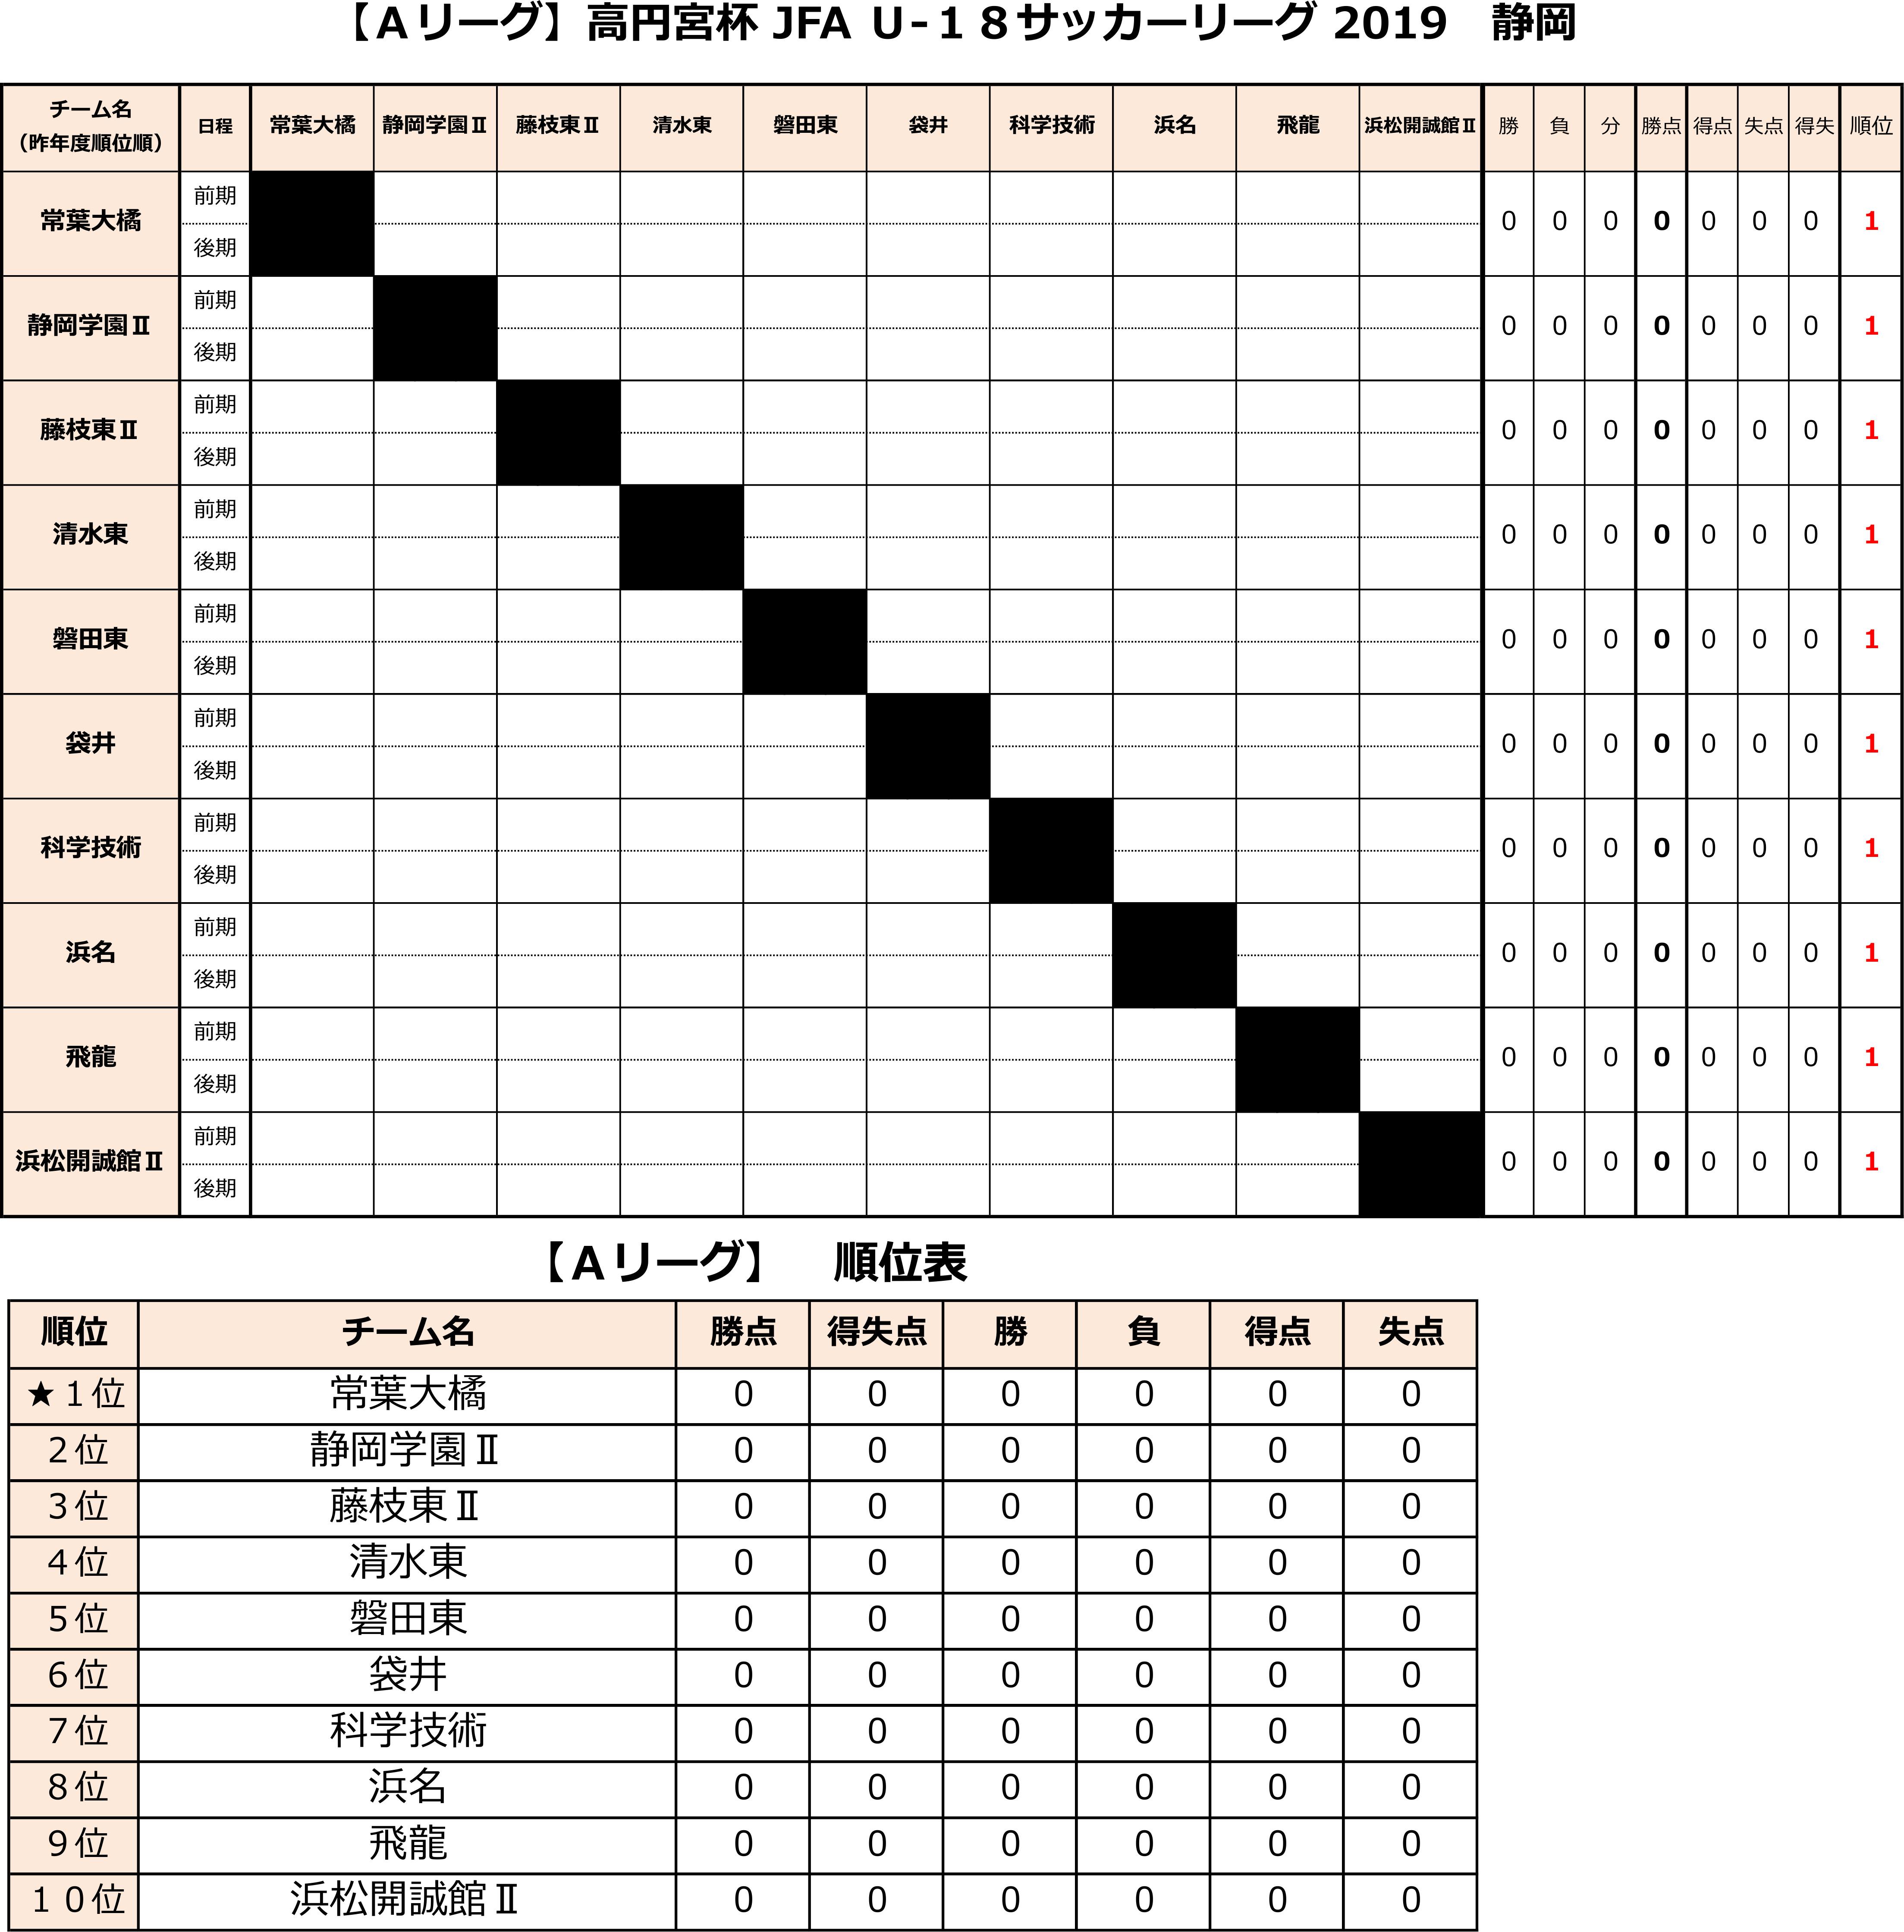 高円宮杯 JFA U-18サッカーリーグ2019 静岡 Aリーグ後期 トーナメント表